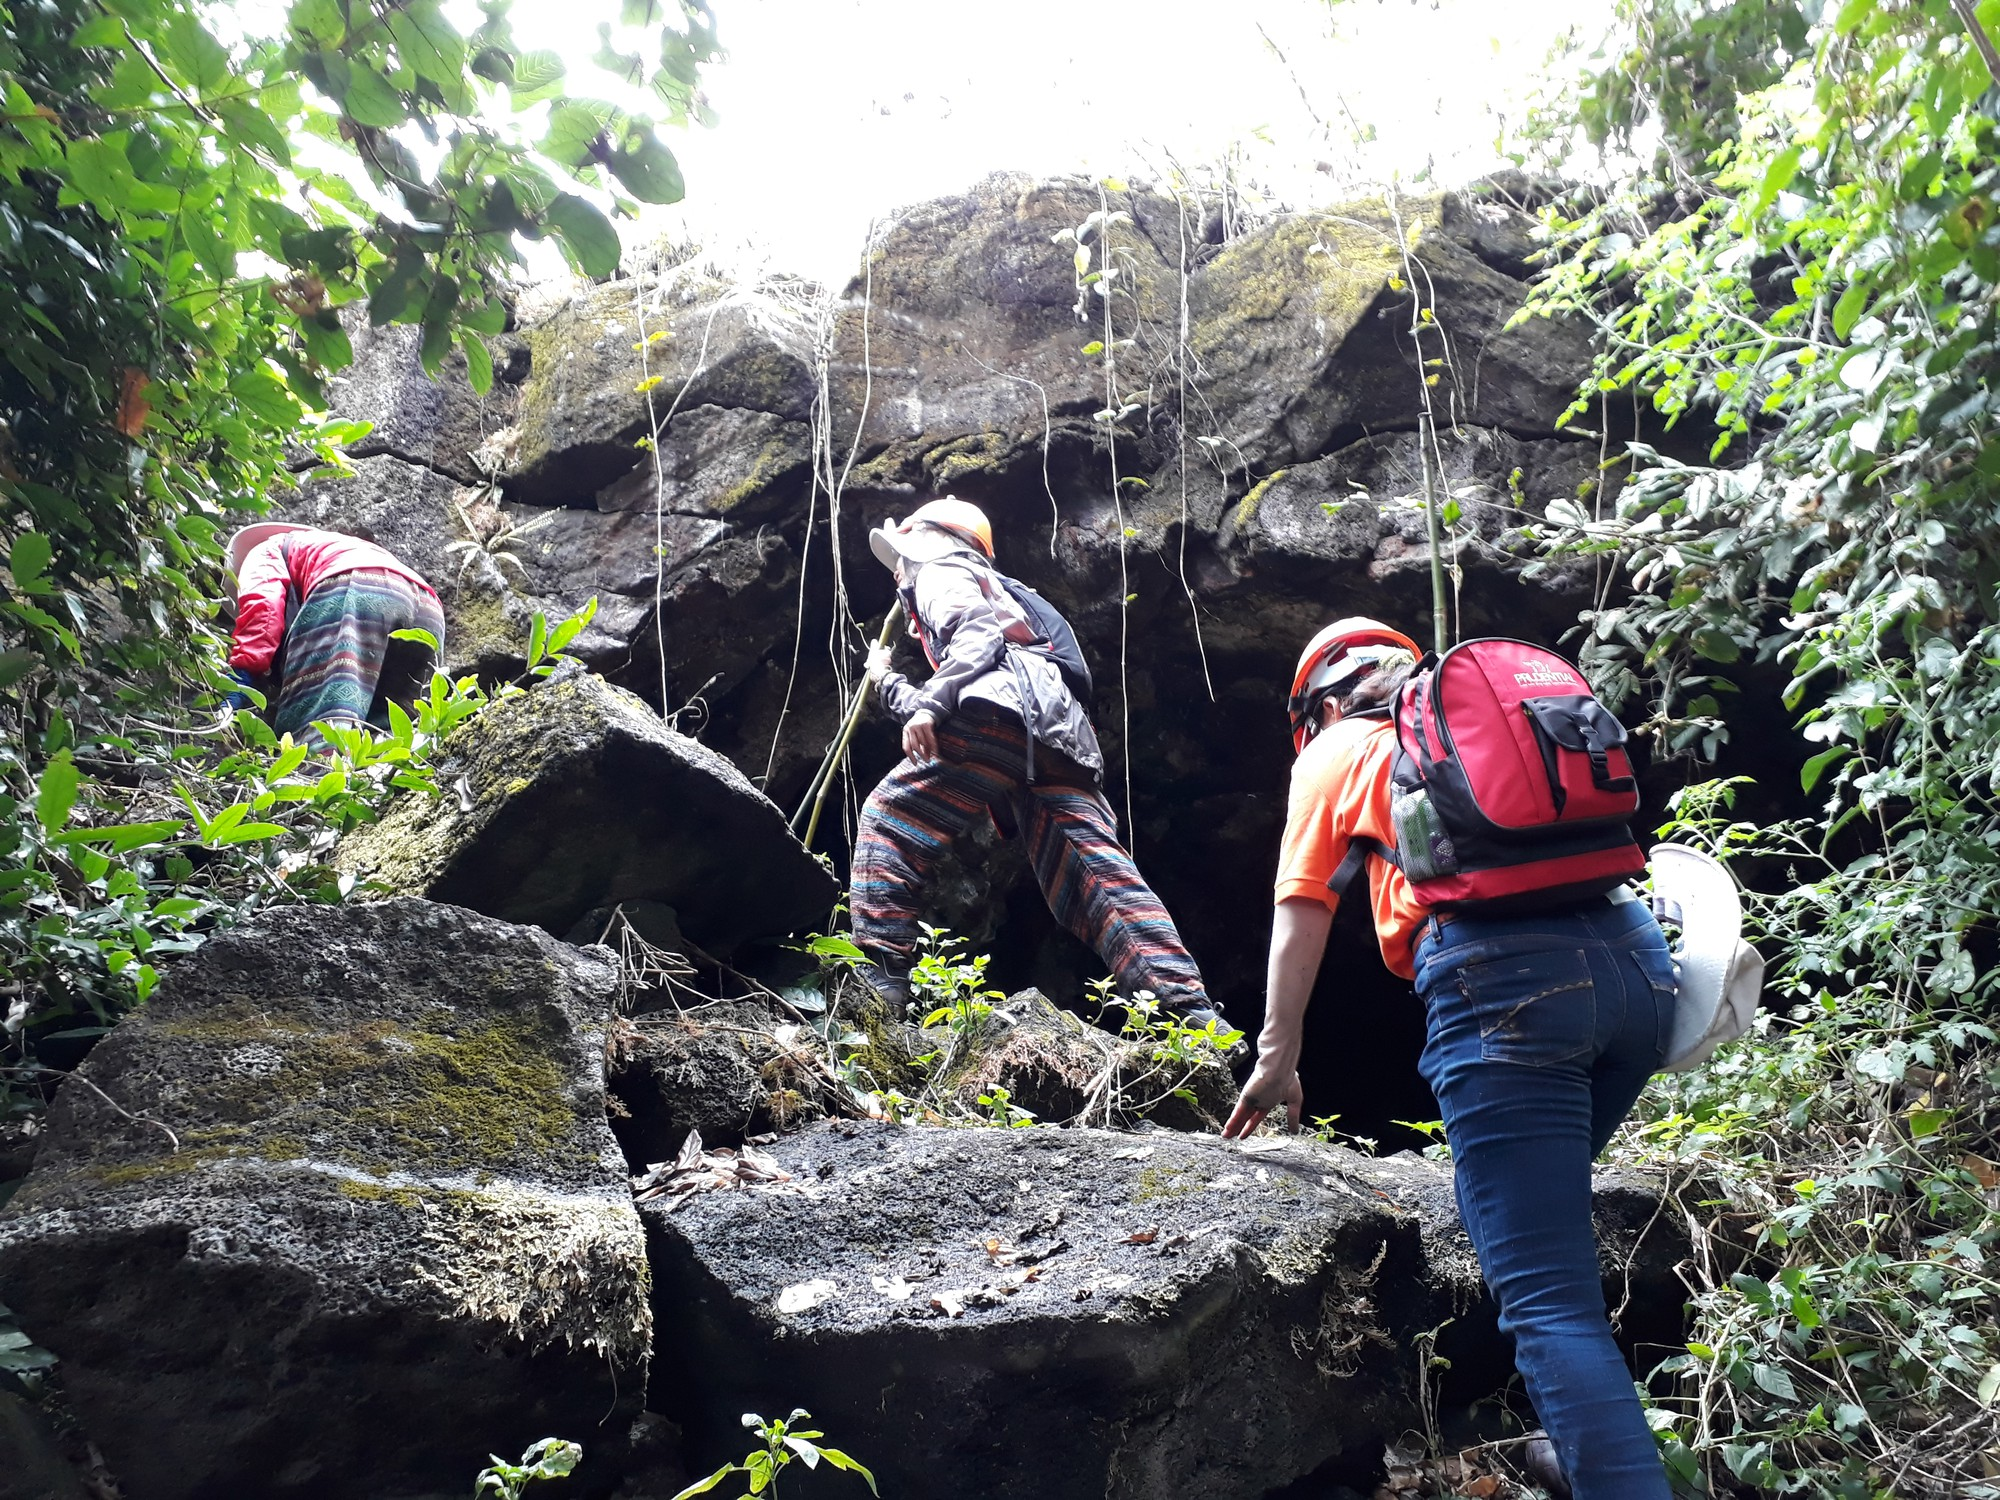 Visitors climb the Chu B'luk (Genesis) volcano in Dak Nong Province, Vietnam's Central Highlands. Photo: Tuoi Tre